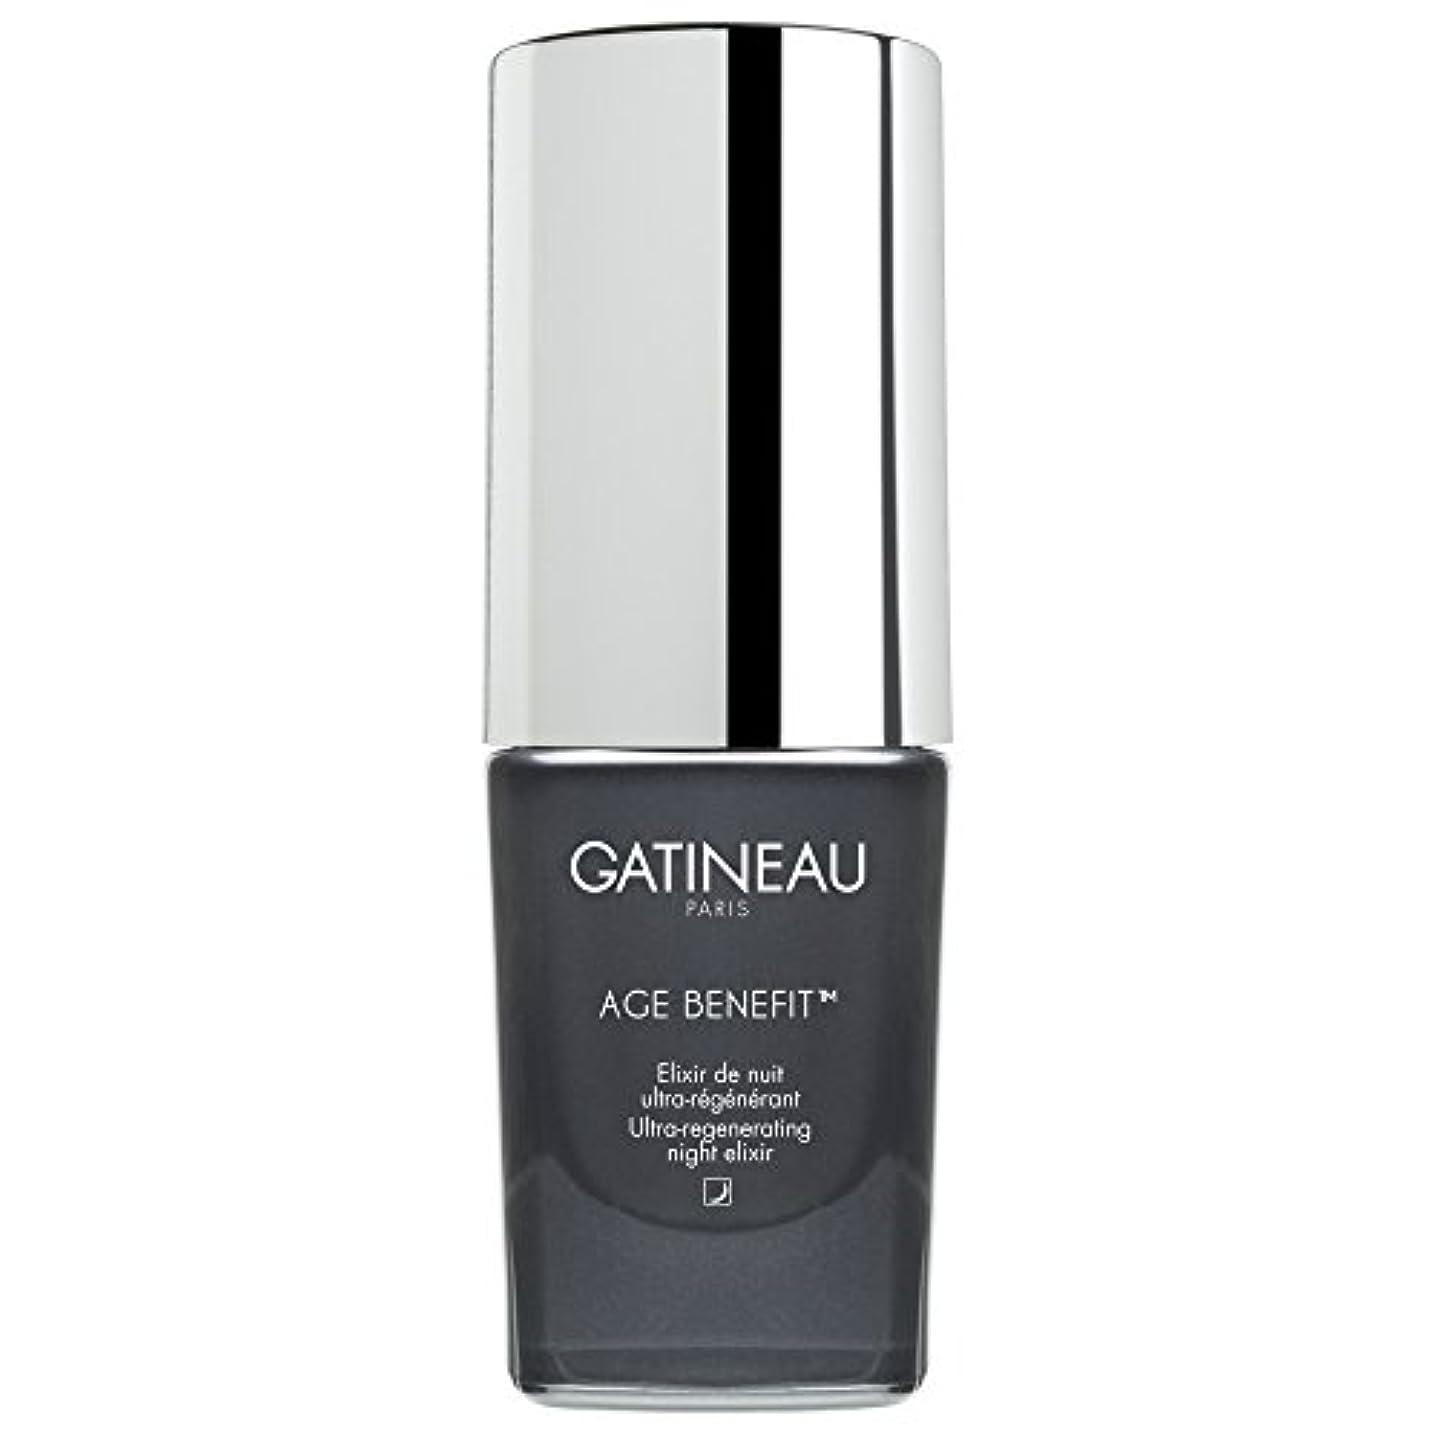 ナチュラルーチントレイガティノー年齢給付超再生夜のエリクシルの15ミリリットル (Gatineau) (x6) - Gatineau Age Benefit Ultra-Regenerating Night Elixir 15ml (Pack...